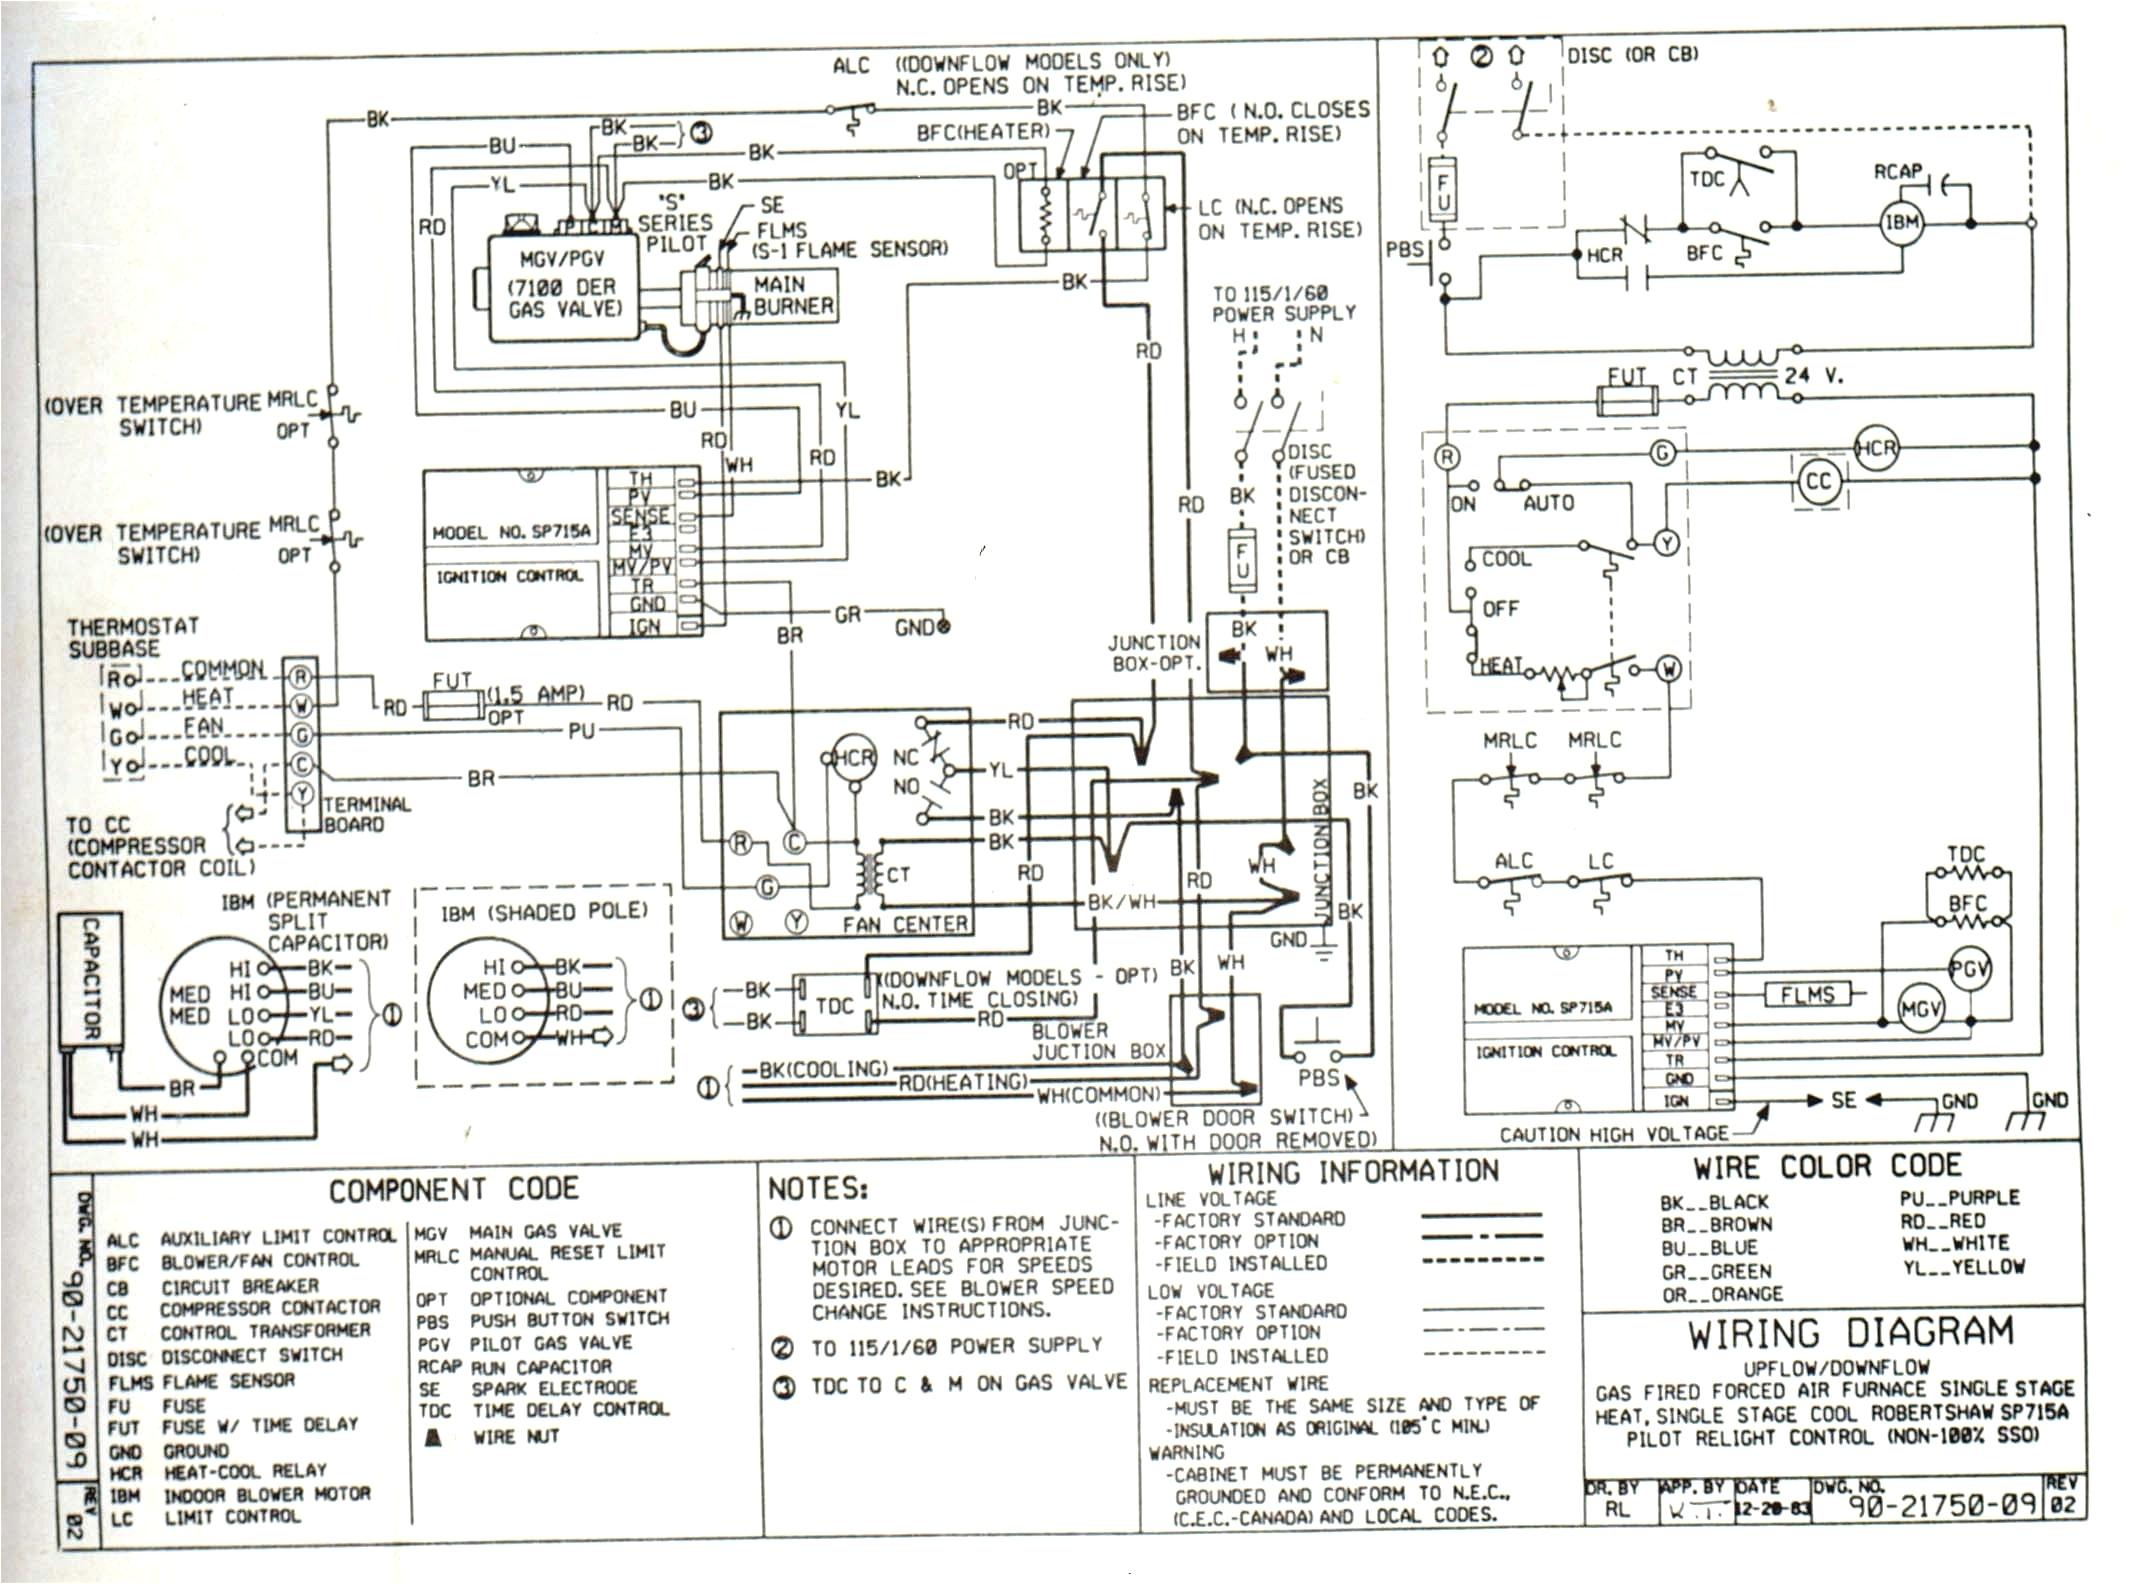 janitrol wiring diagram wiring diagram page janitrol heat pump wiring diagram